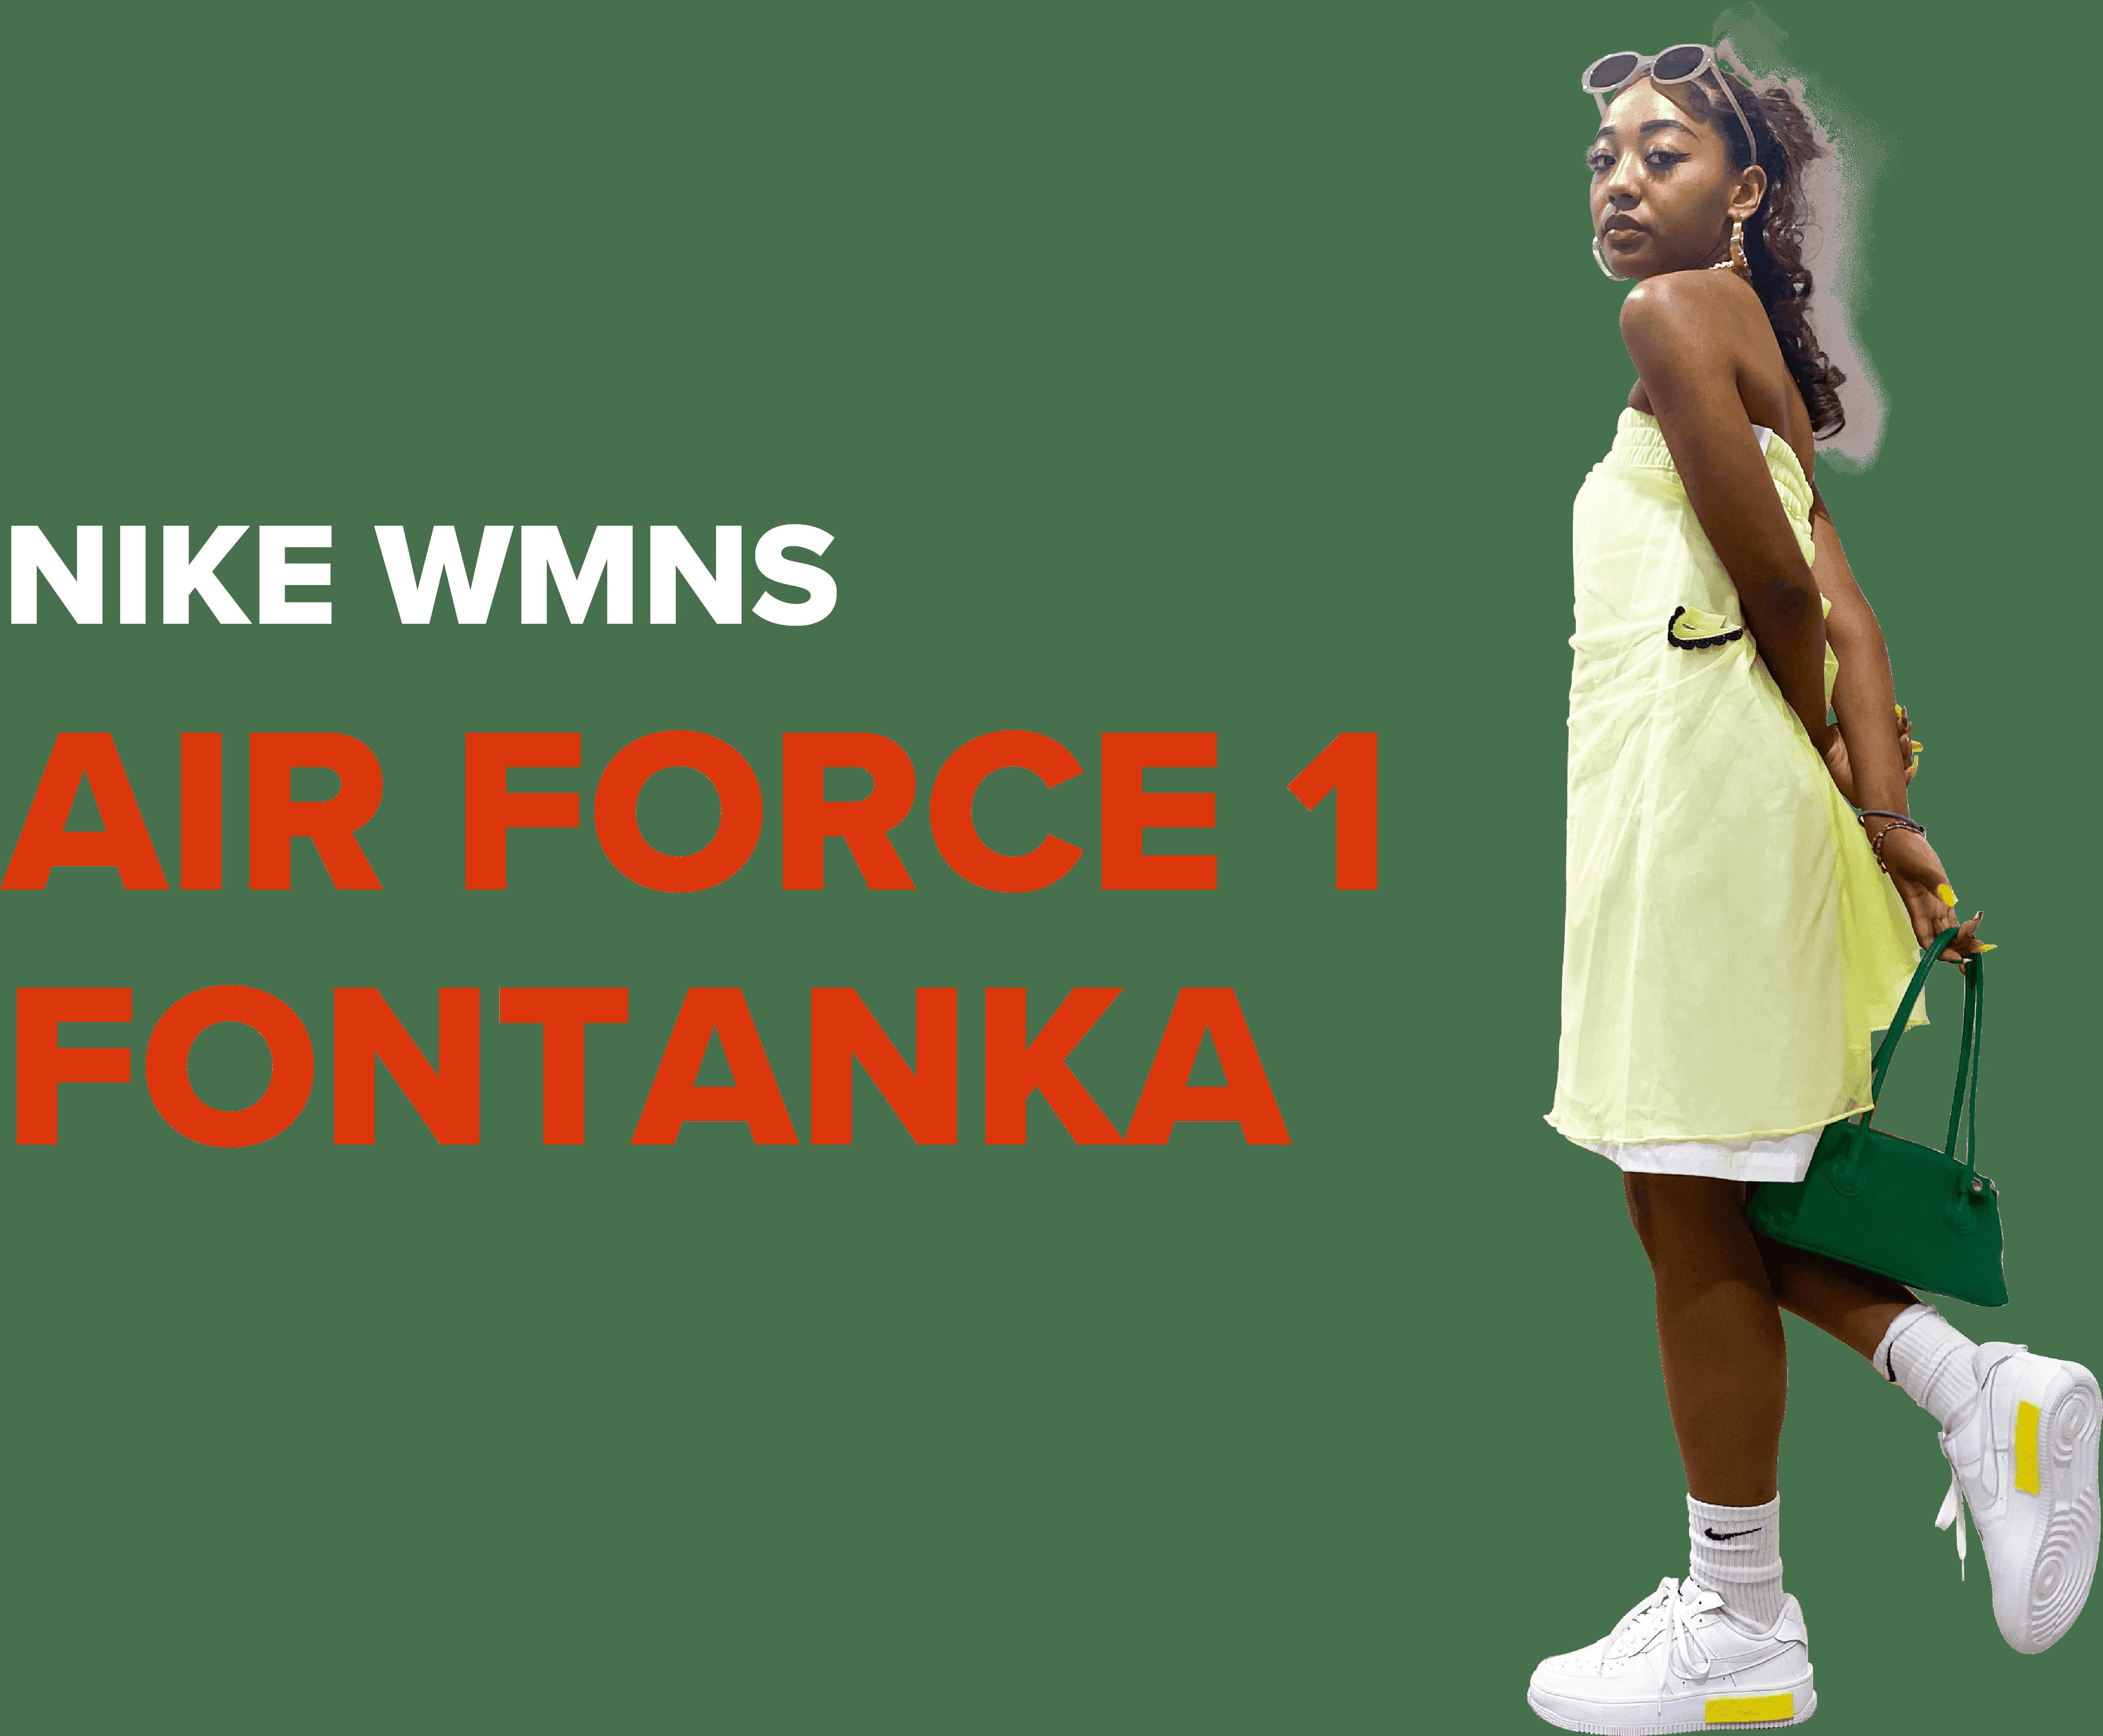 NIKE W AIR FORCE 1 FONTANKA